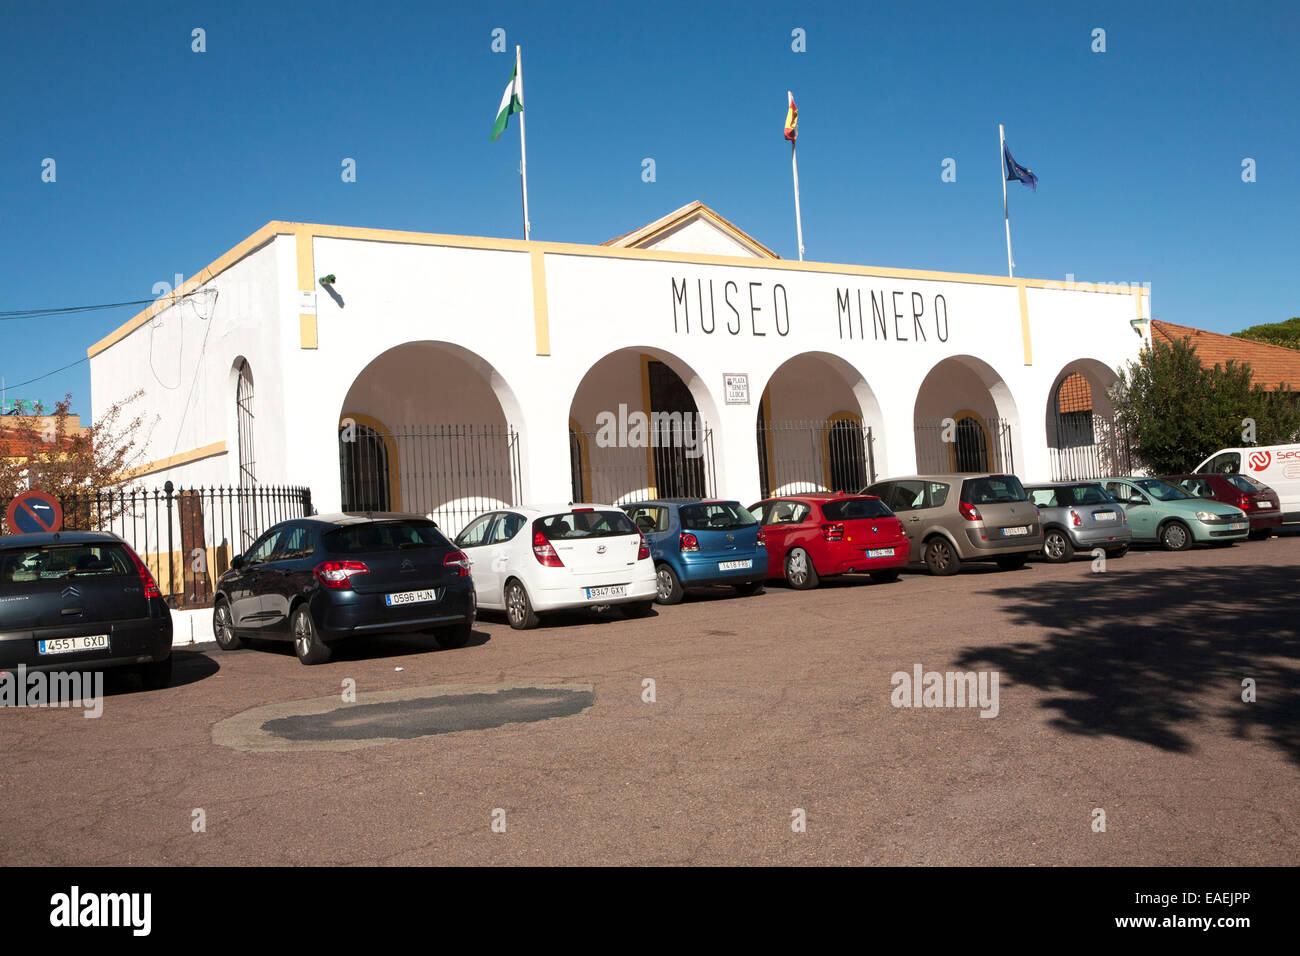 Museo Minero mining museum in Rio Tinto  mining area, Minas de Riotinto, Huelva province, Spain - Stock Image